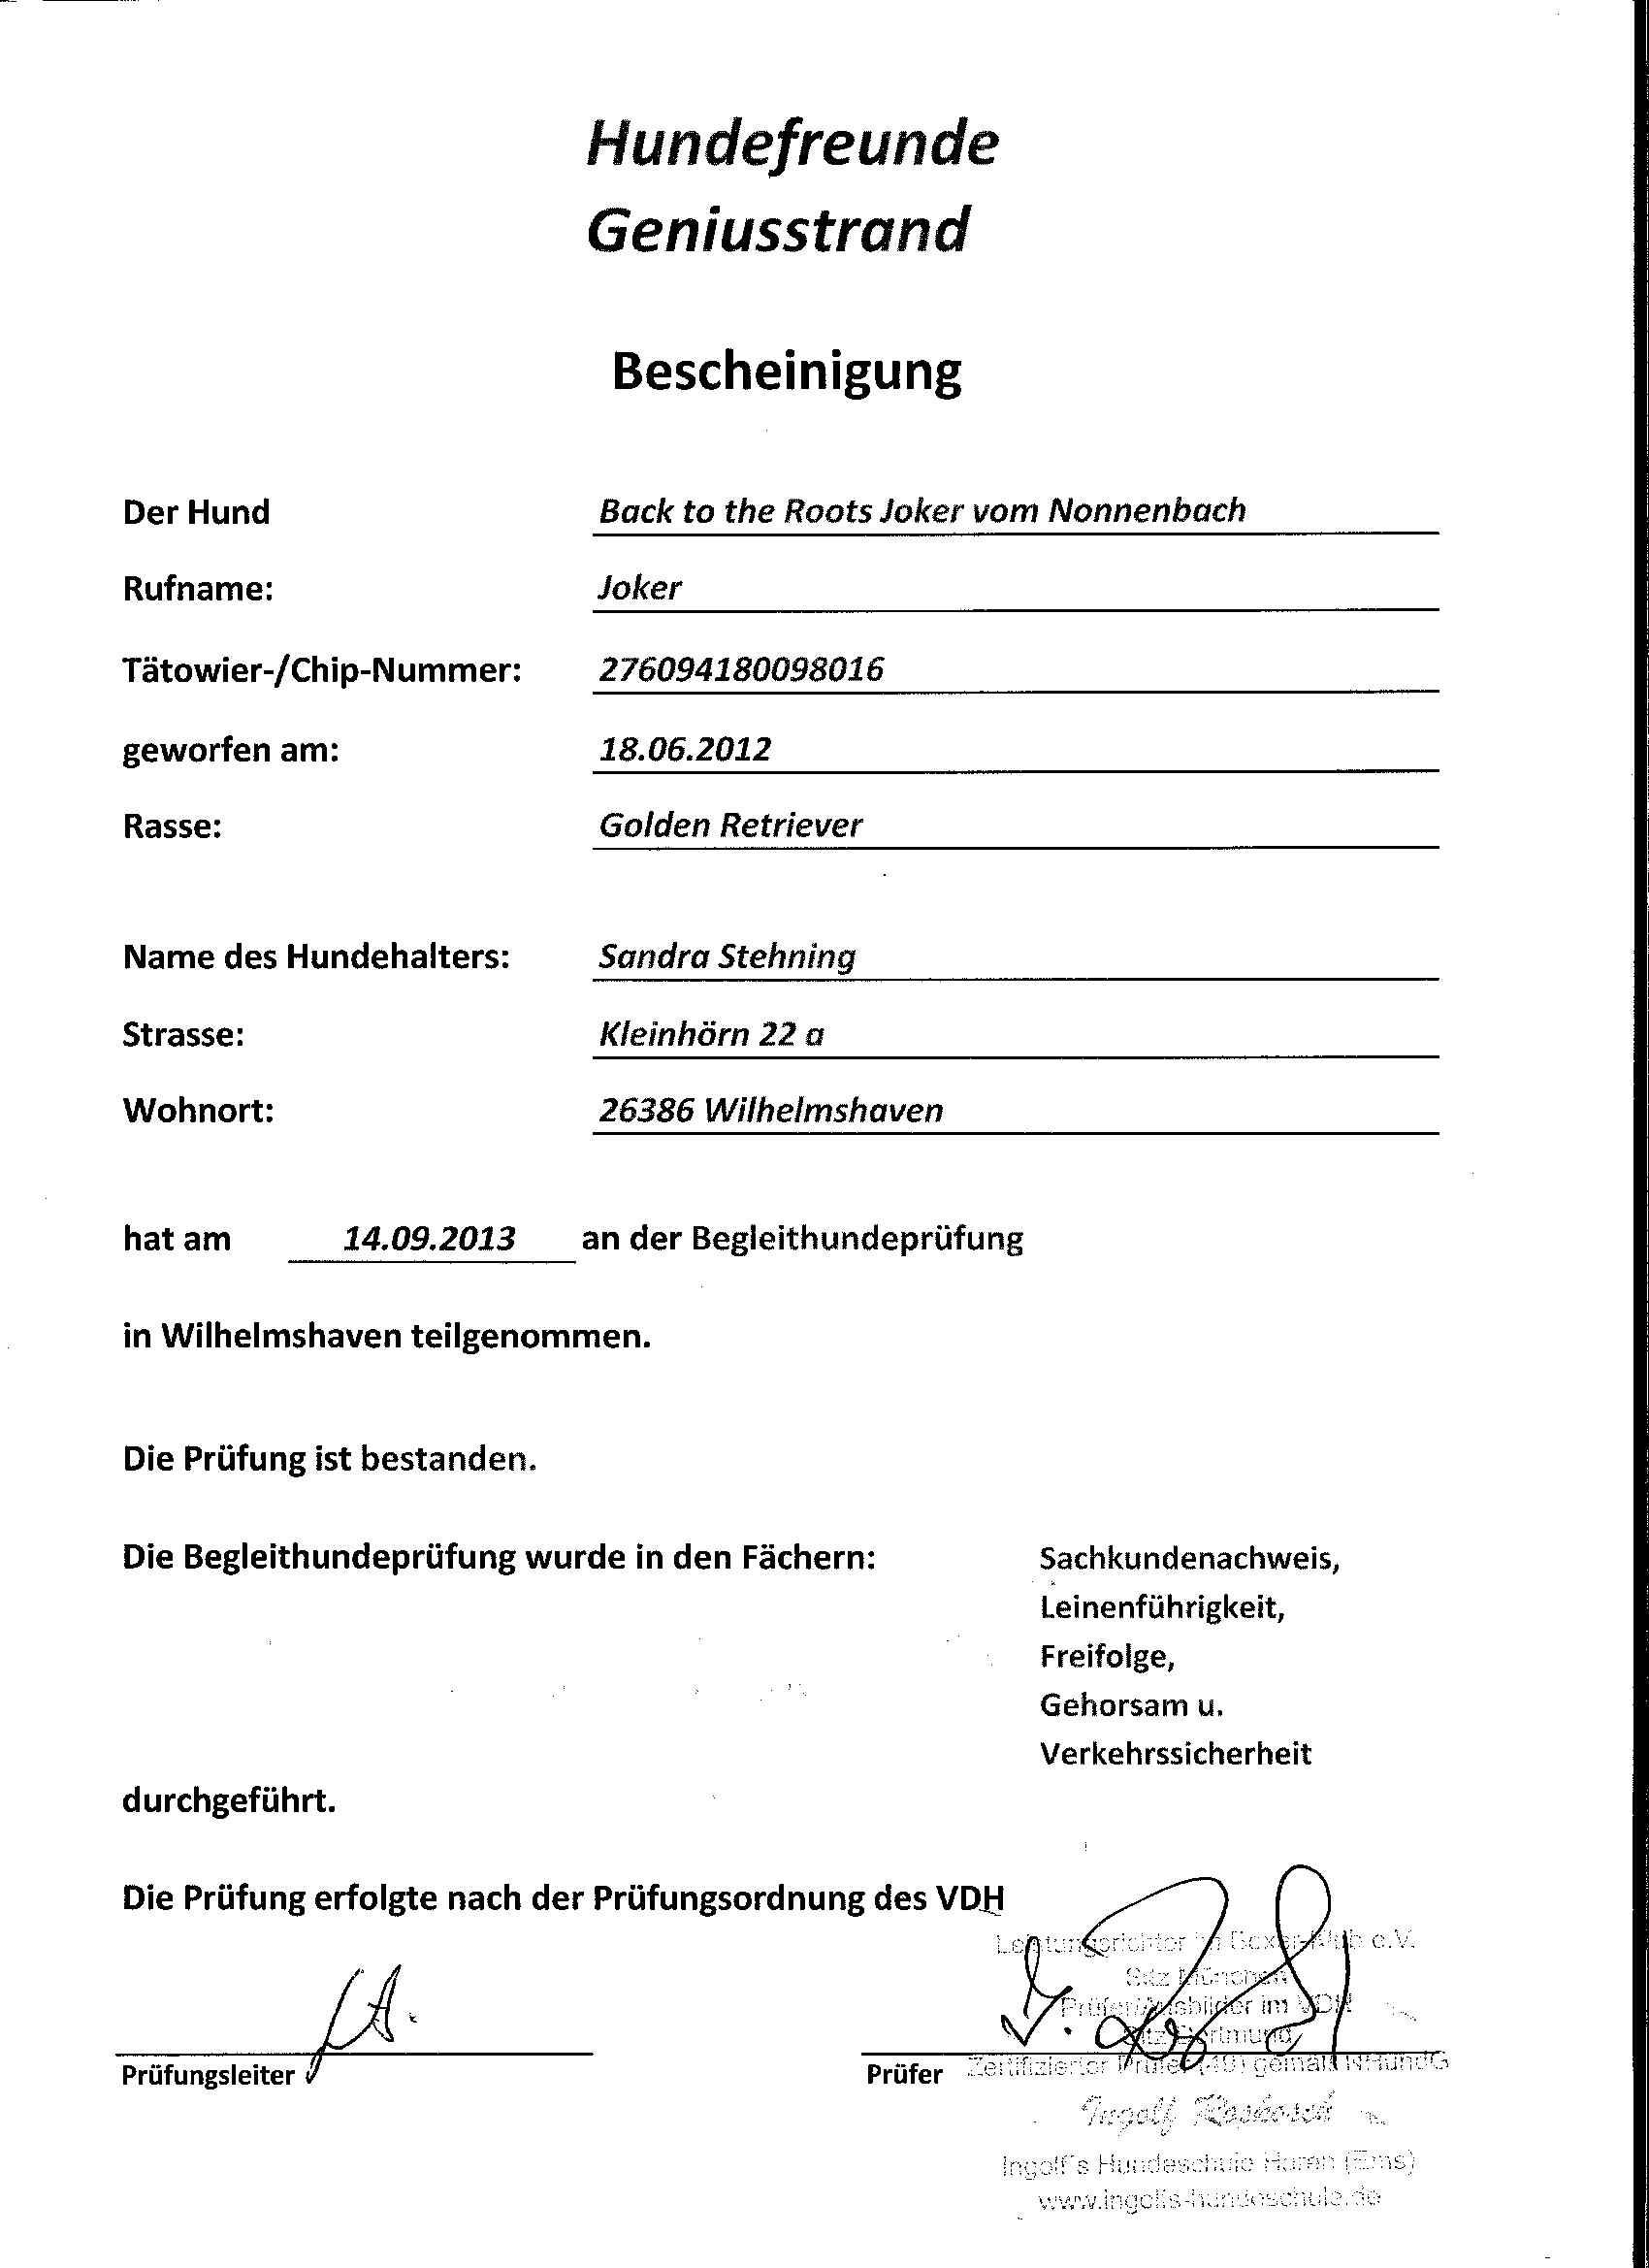 news/13-september/bh-pruefung-joker1.jpg